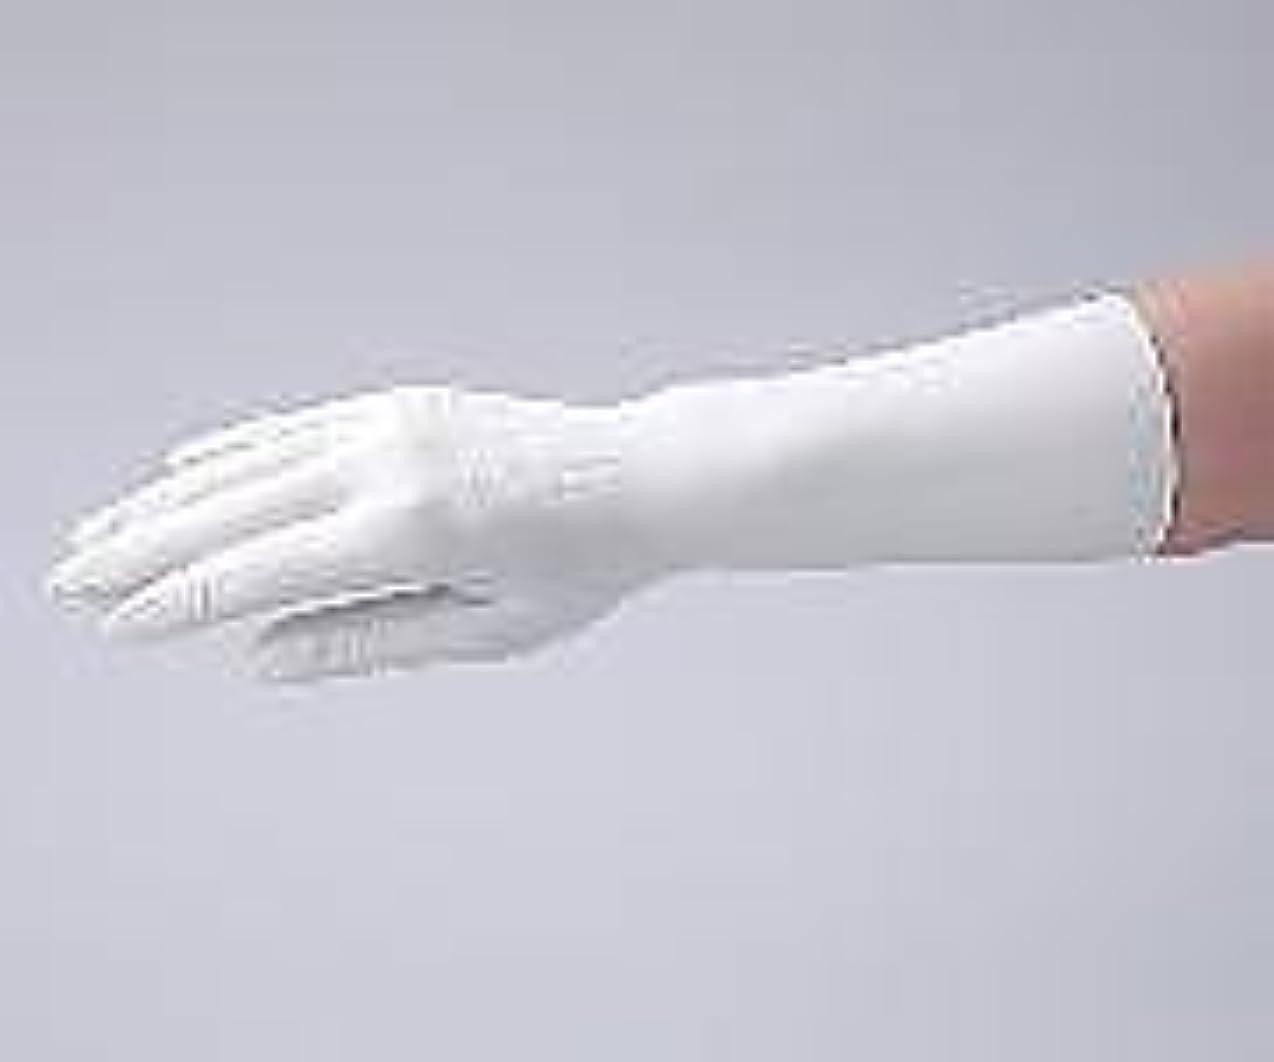 ドア施しバンケットアズピュア(アズワン)1-2323-52アズピュアクリーンノールニトリル手袋(ペアタイプ)S左右各100枚×5袋入